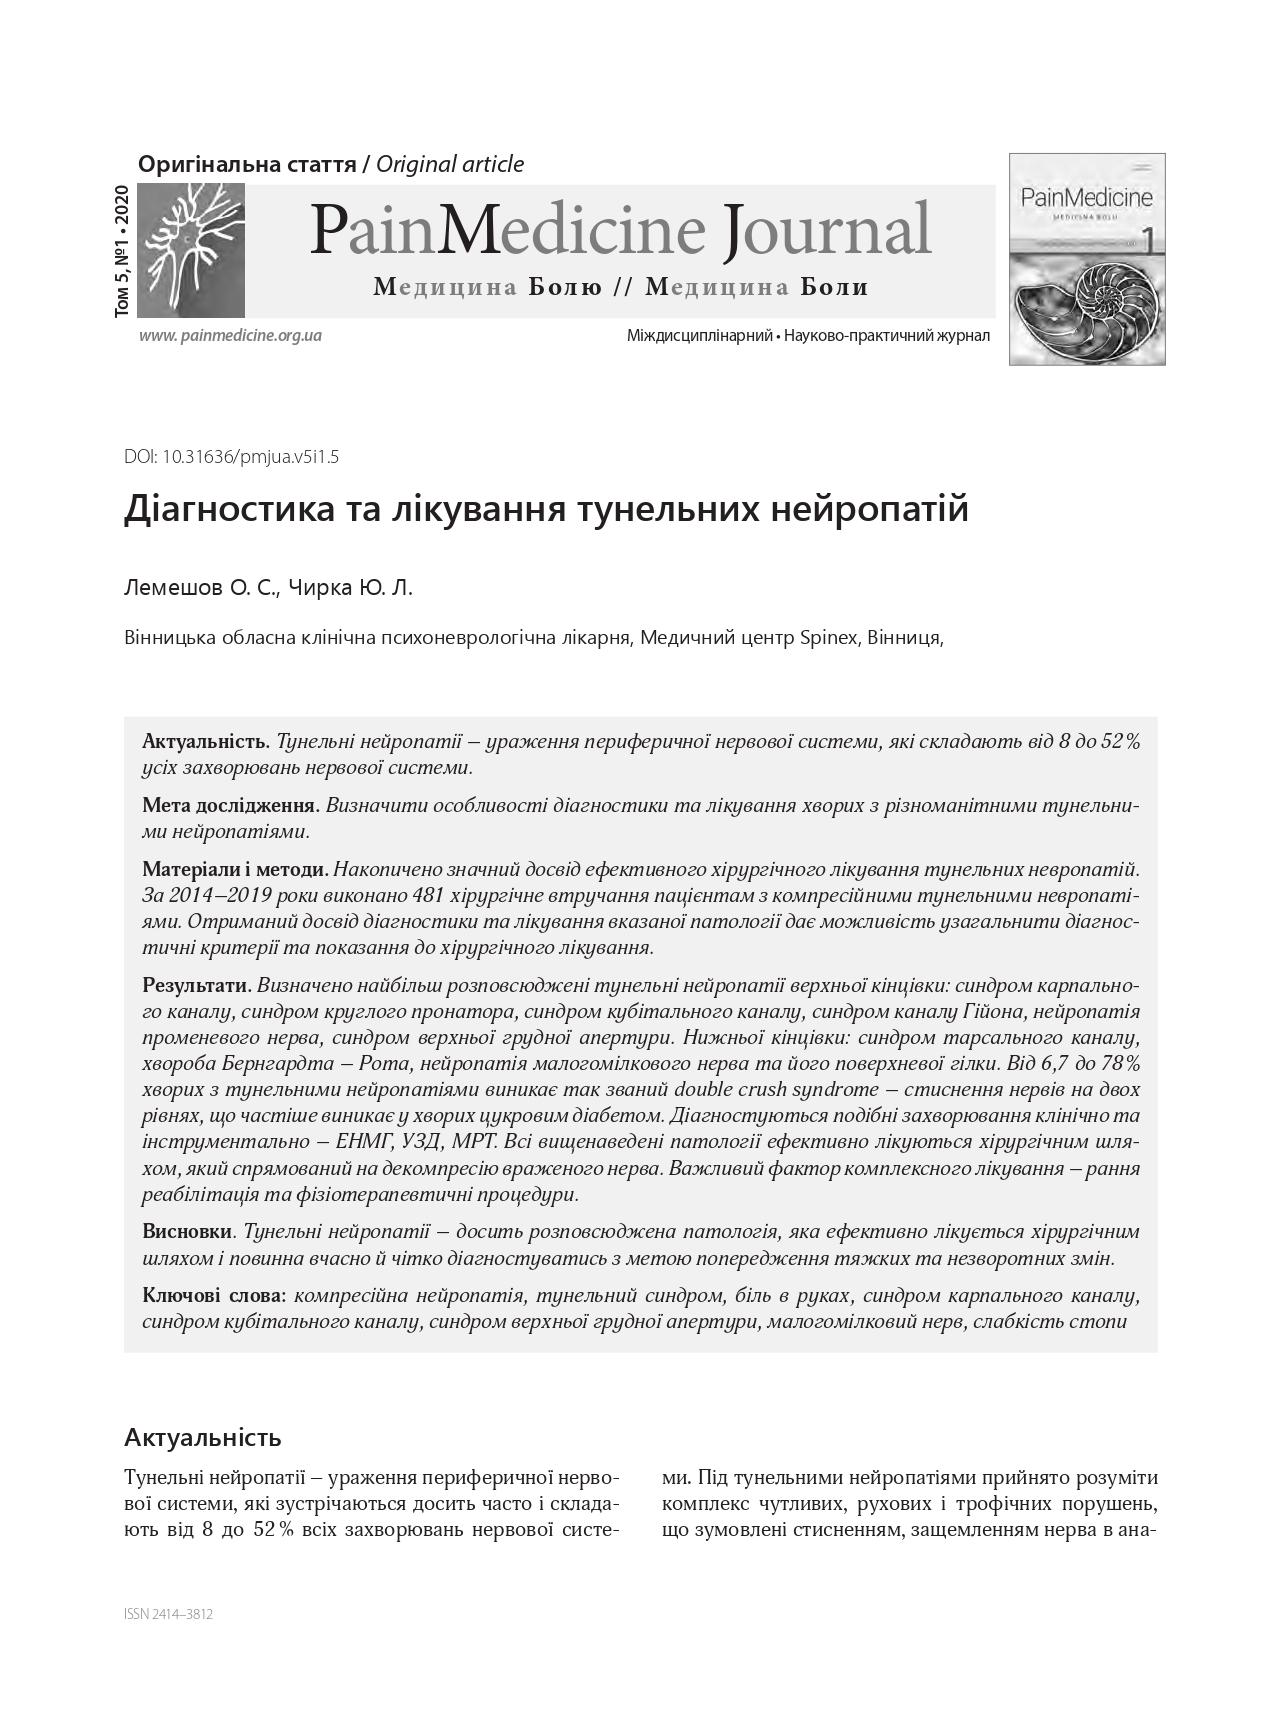 Діагностика та лікування тунельних нейропатій